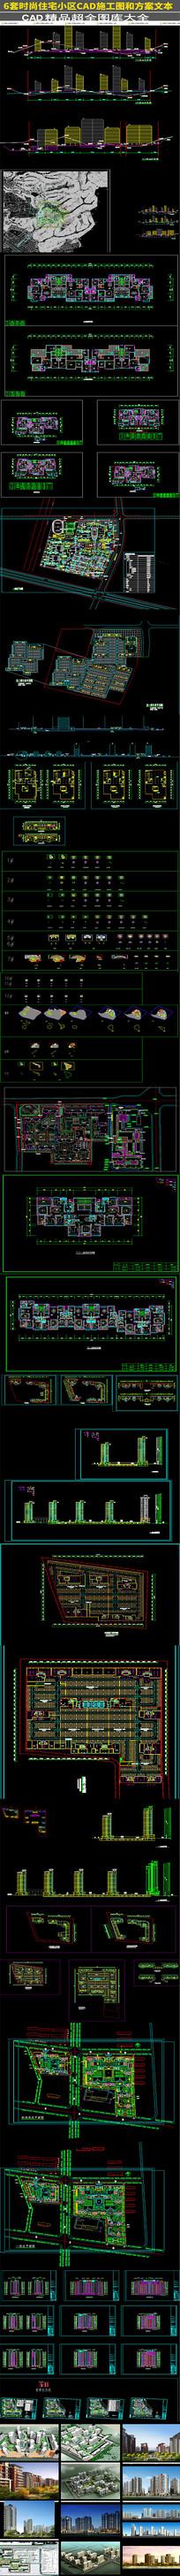 6套住宅小区CAD施工和方案文本图集